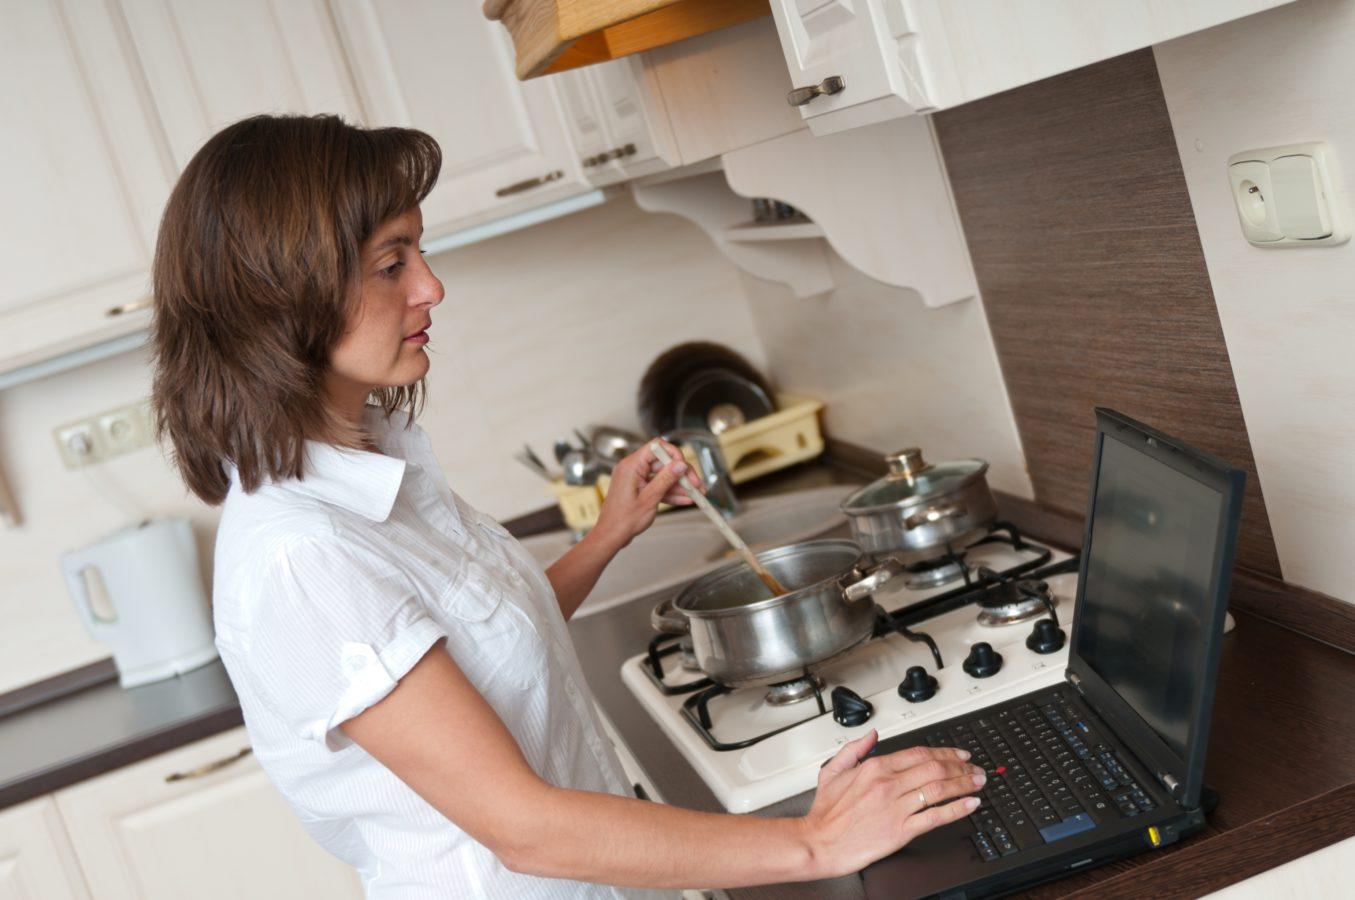 Les ambitions professionnelles des femmes sont-elles compatibles avec la vie de famille ?